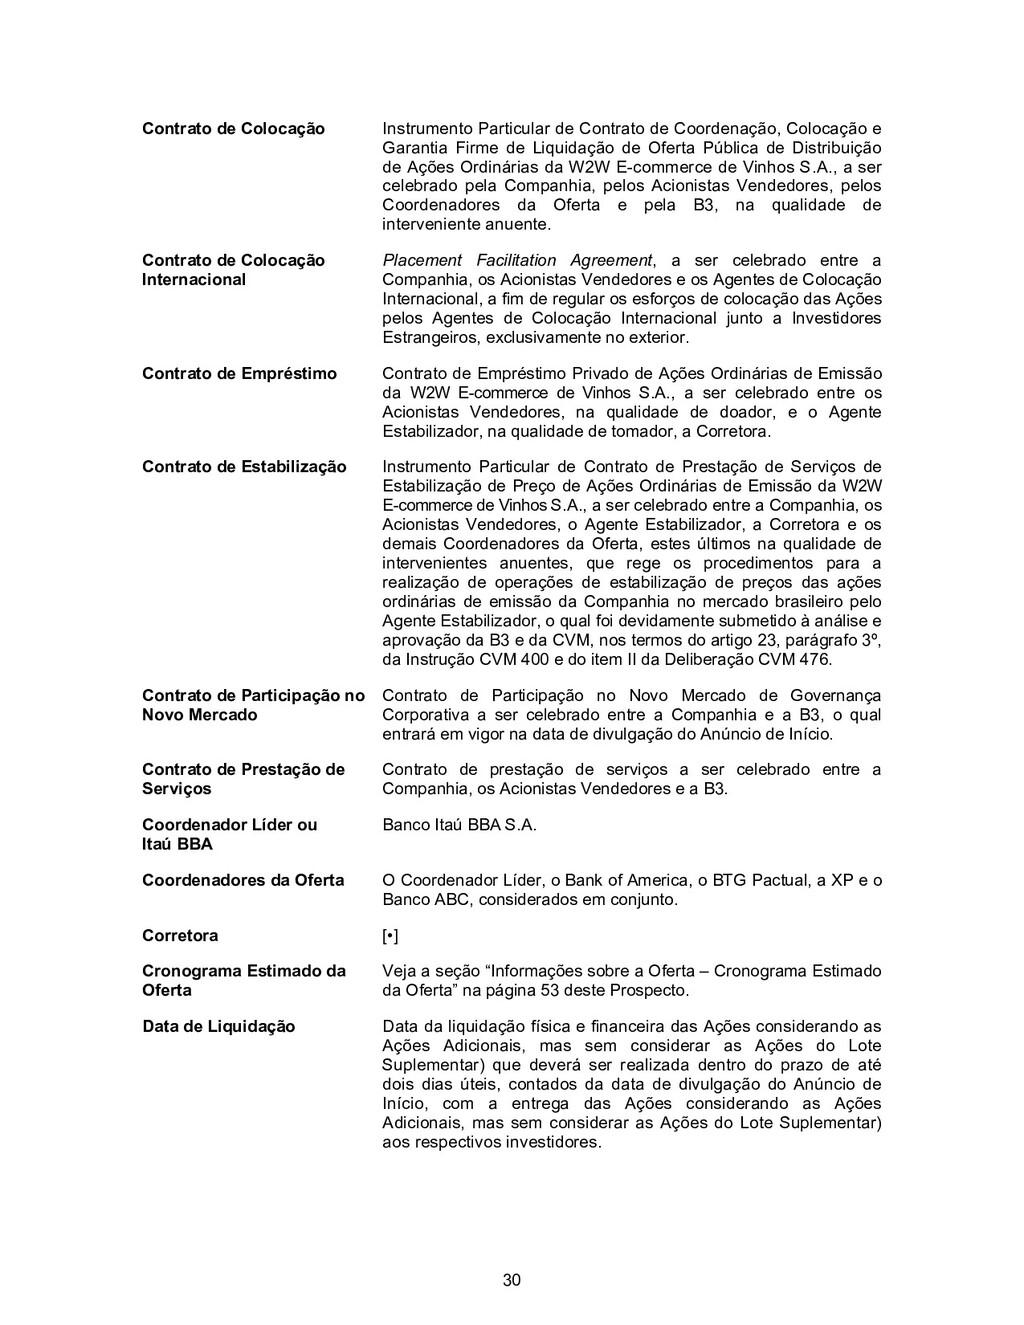 30 Contrato de Colocação Instrumento Particular...